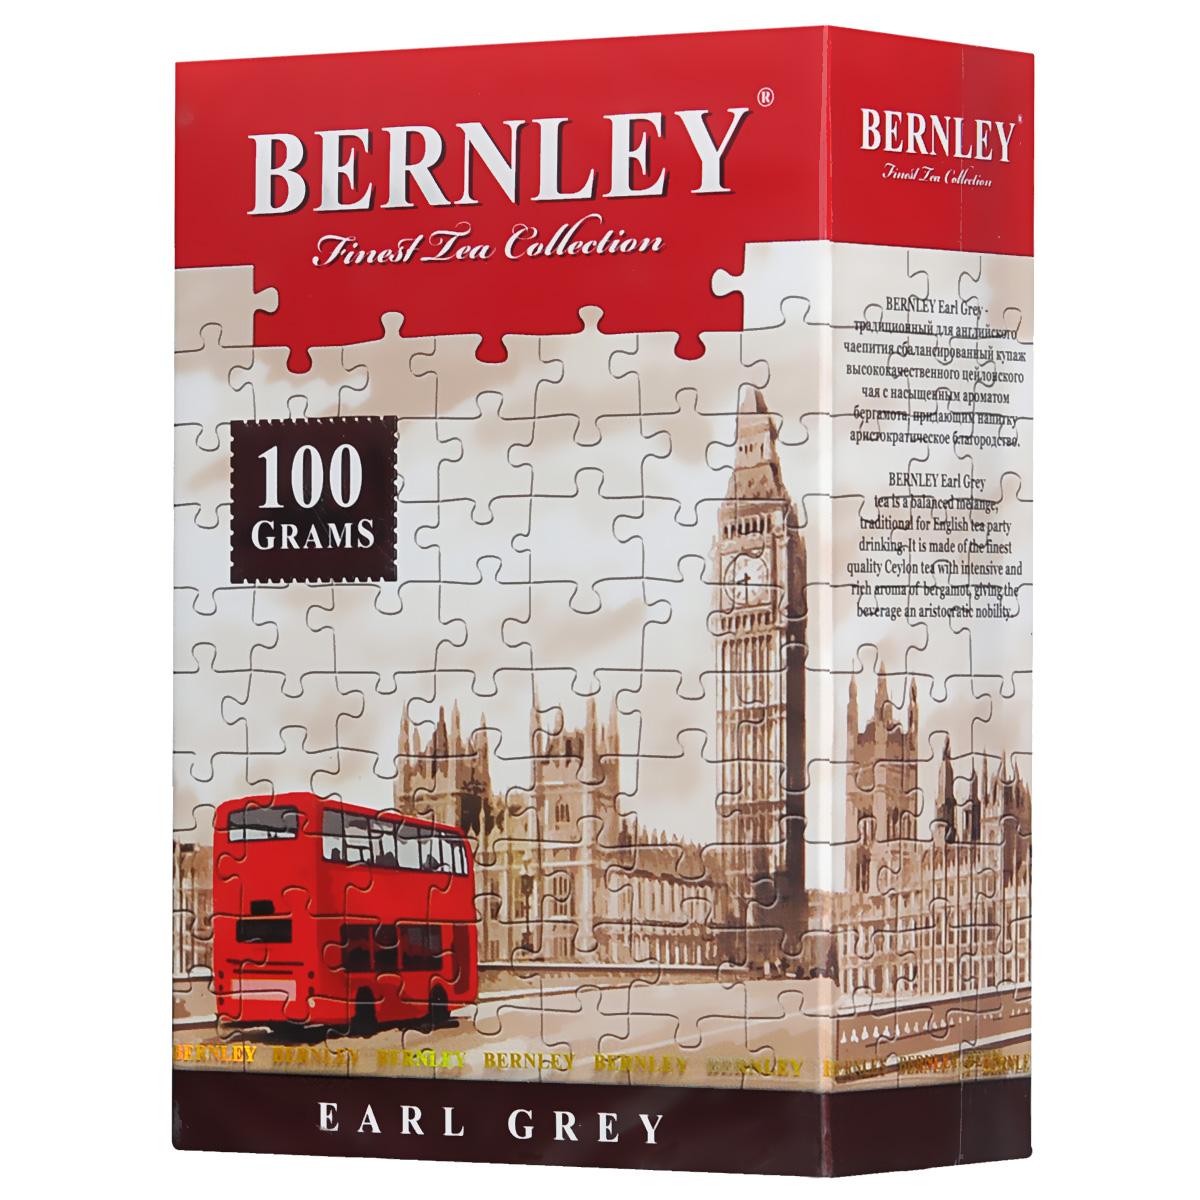 Bernley Earl Grey черный листовой ароматизированный чай, 100 г free shipping 10pcs ds1302z ds1302 sop8 in stock